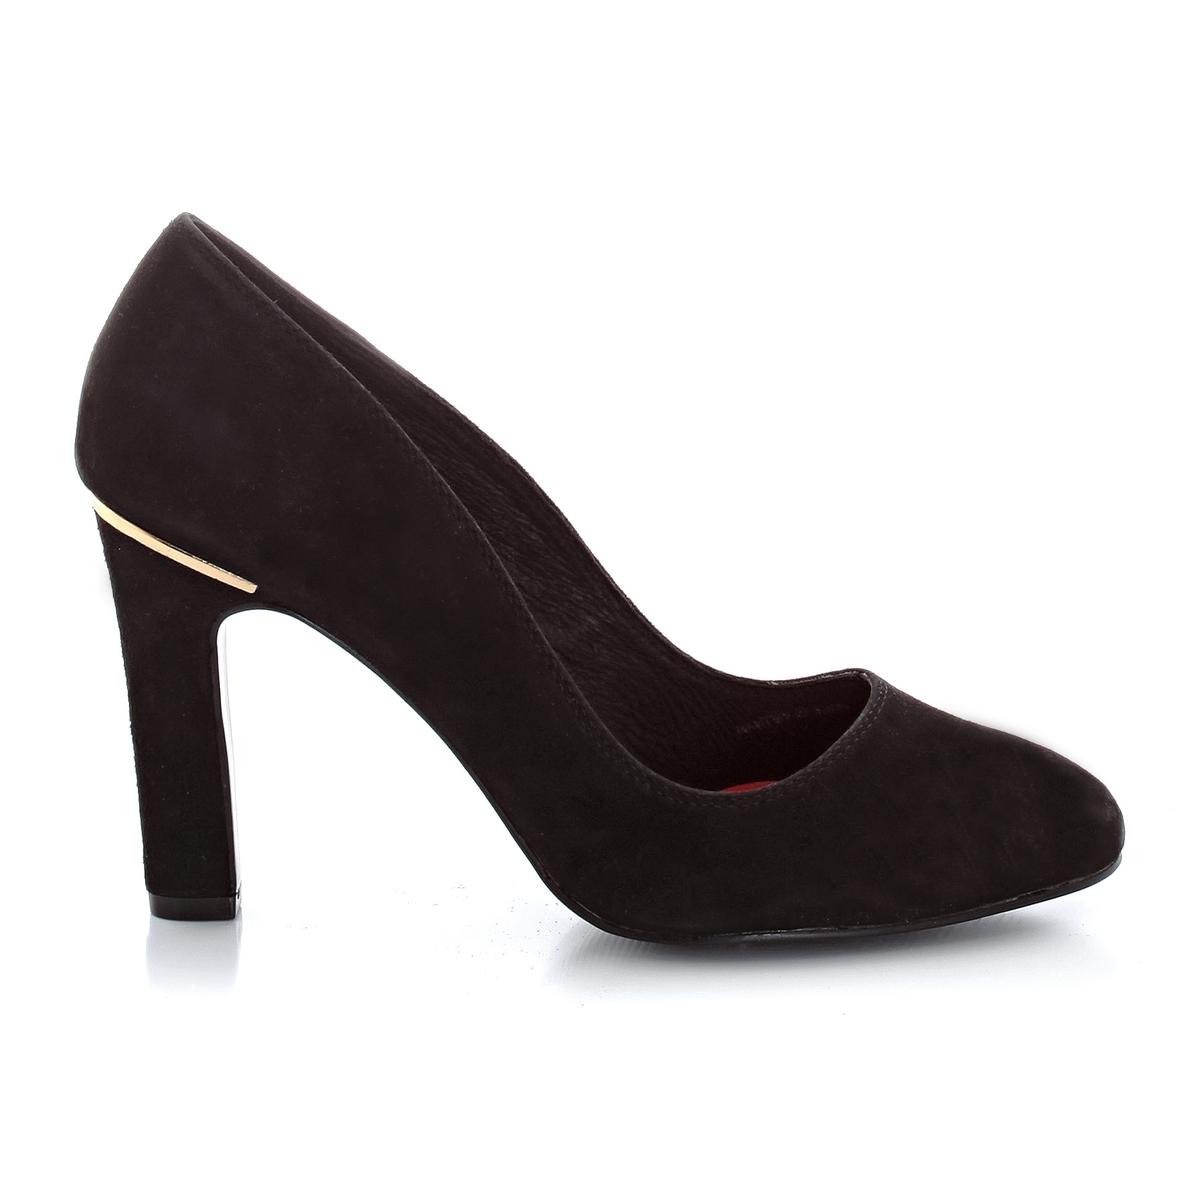 Туфли из нубуковой кожи с золотистыми деталями, на каблуке цены онлайн